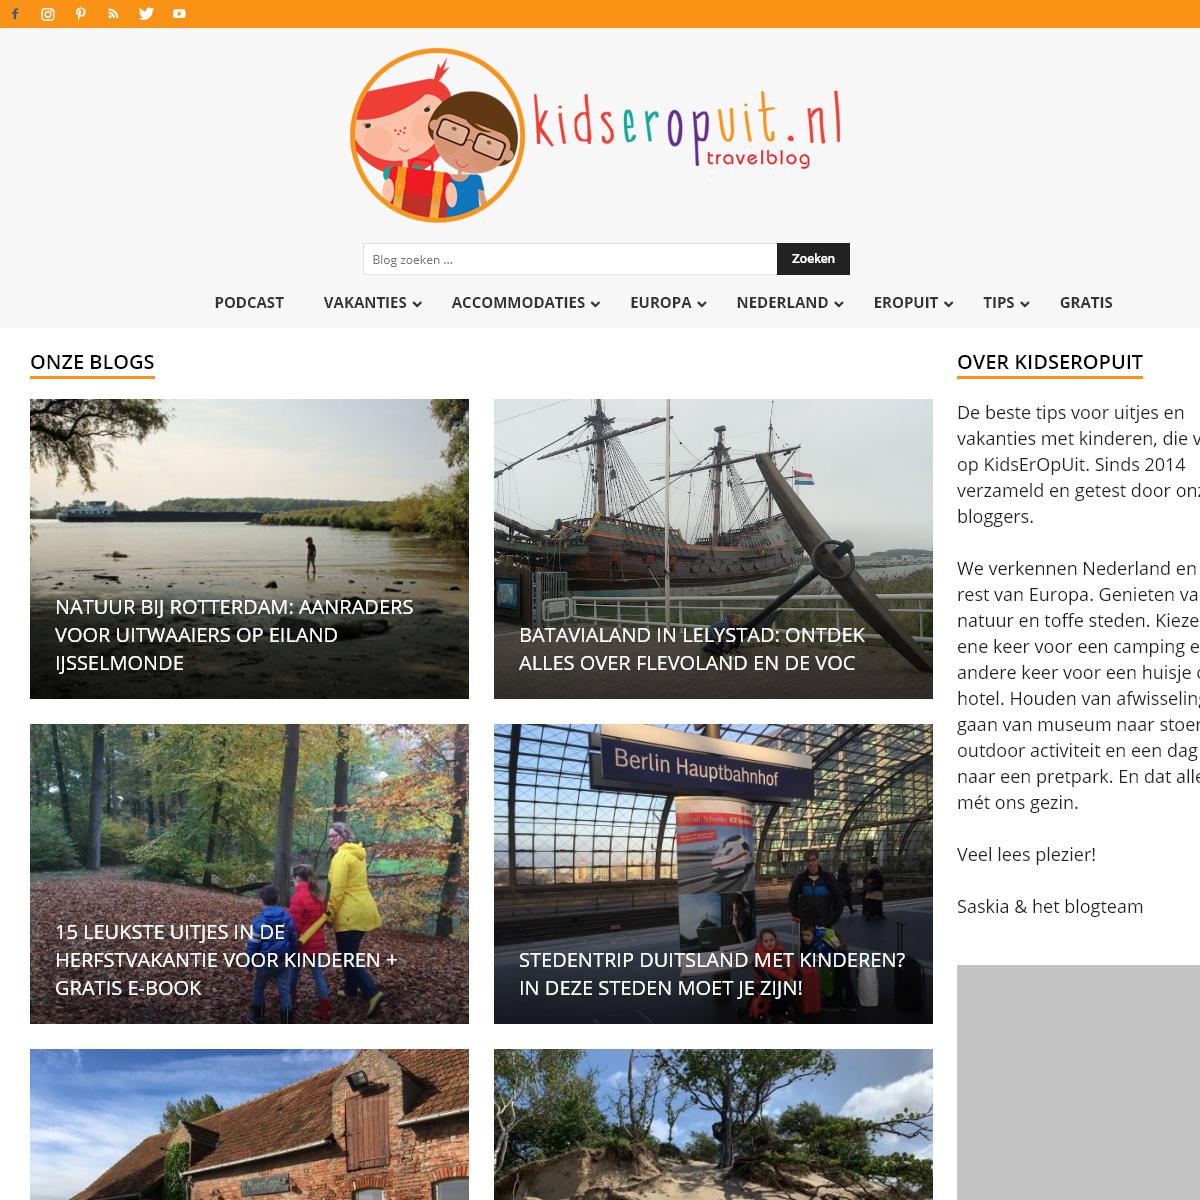 KidsErOpUit - het blog voor de leukste uitjes en vakanties met kinderen